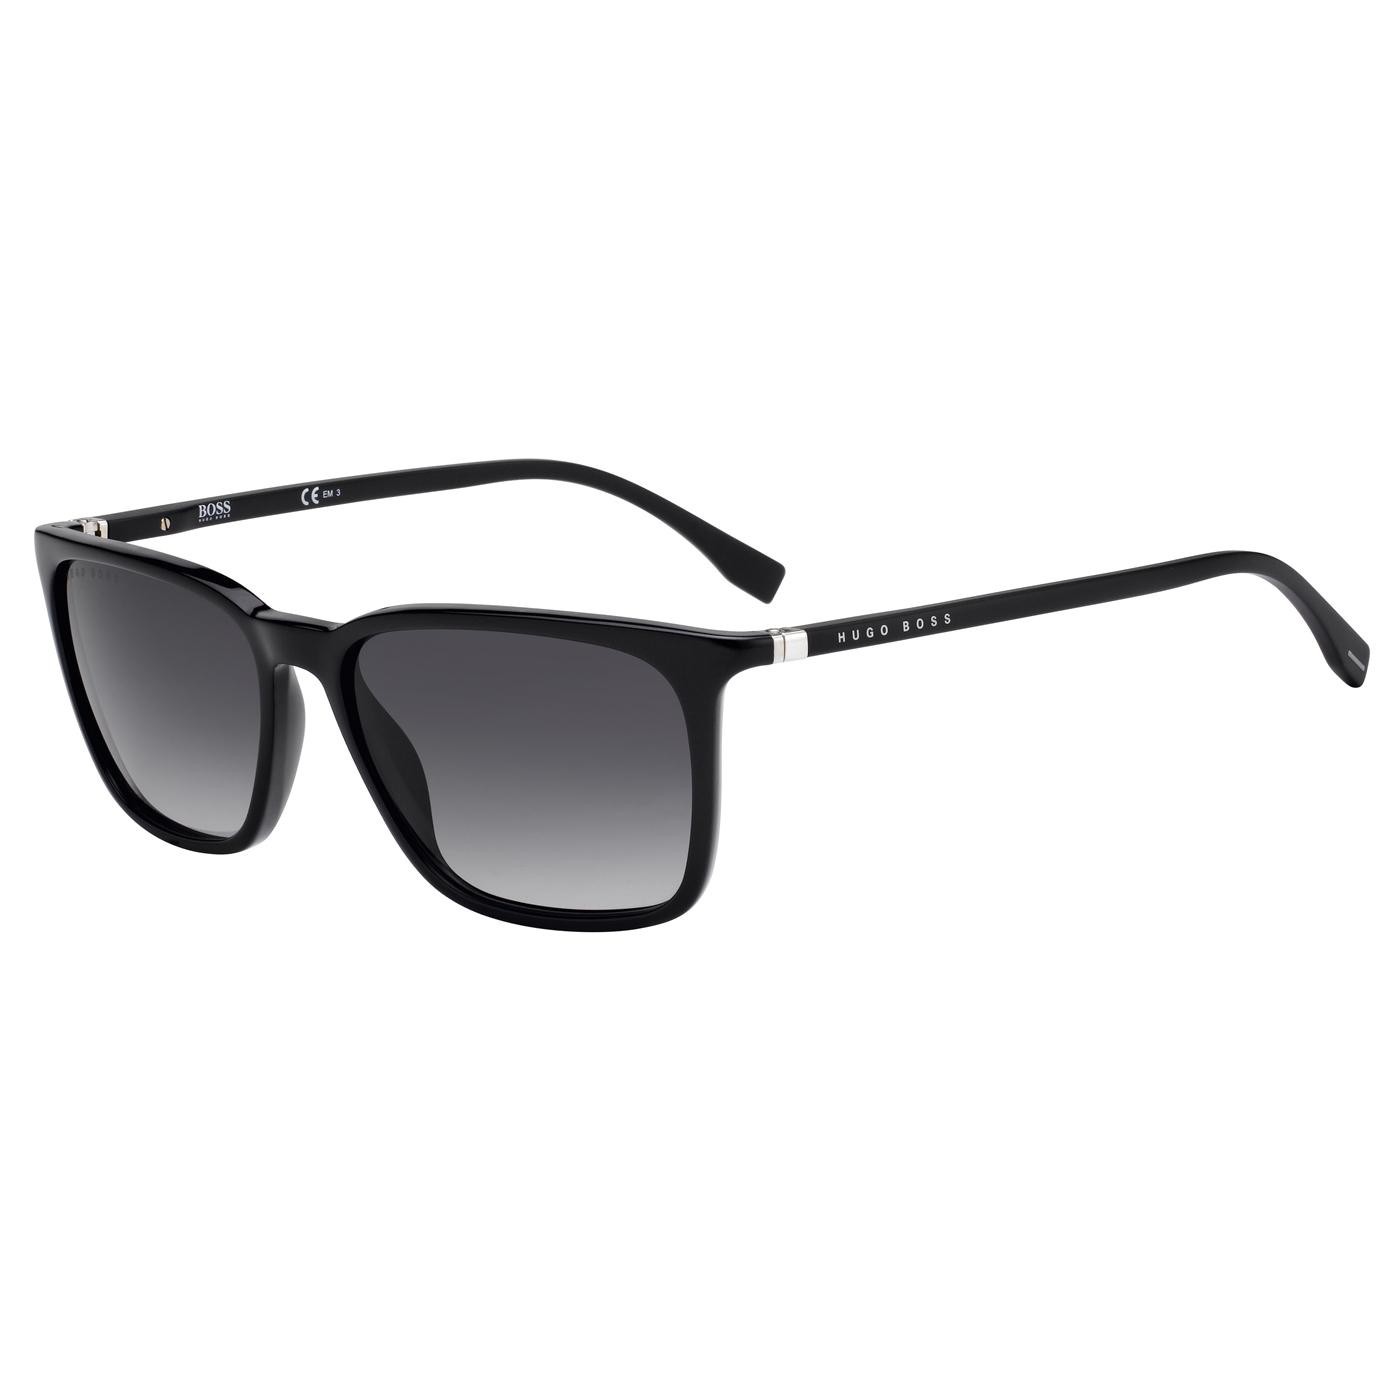 Bilde av Boss Black Sunglasses BOSS 0959S 807 56 9O